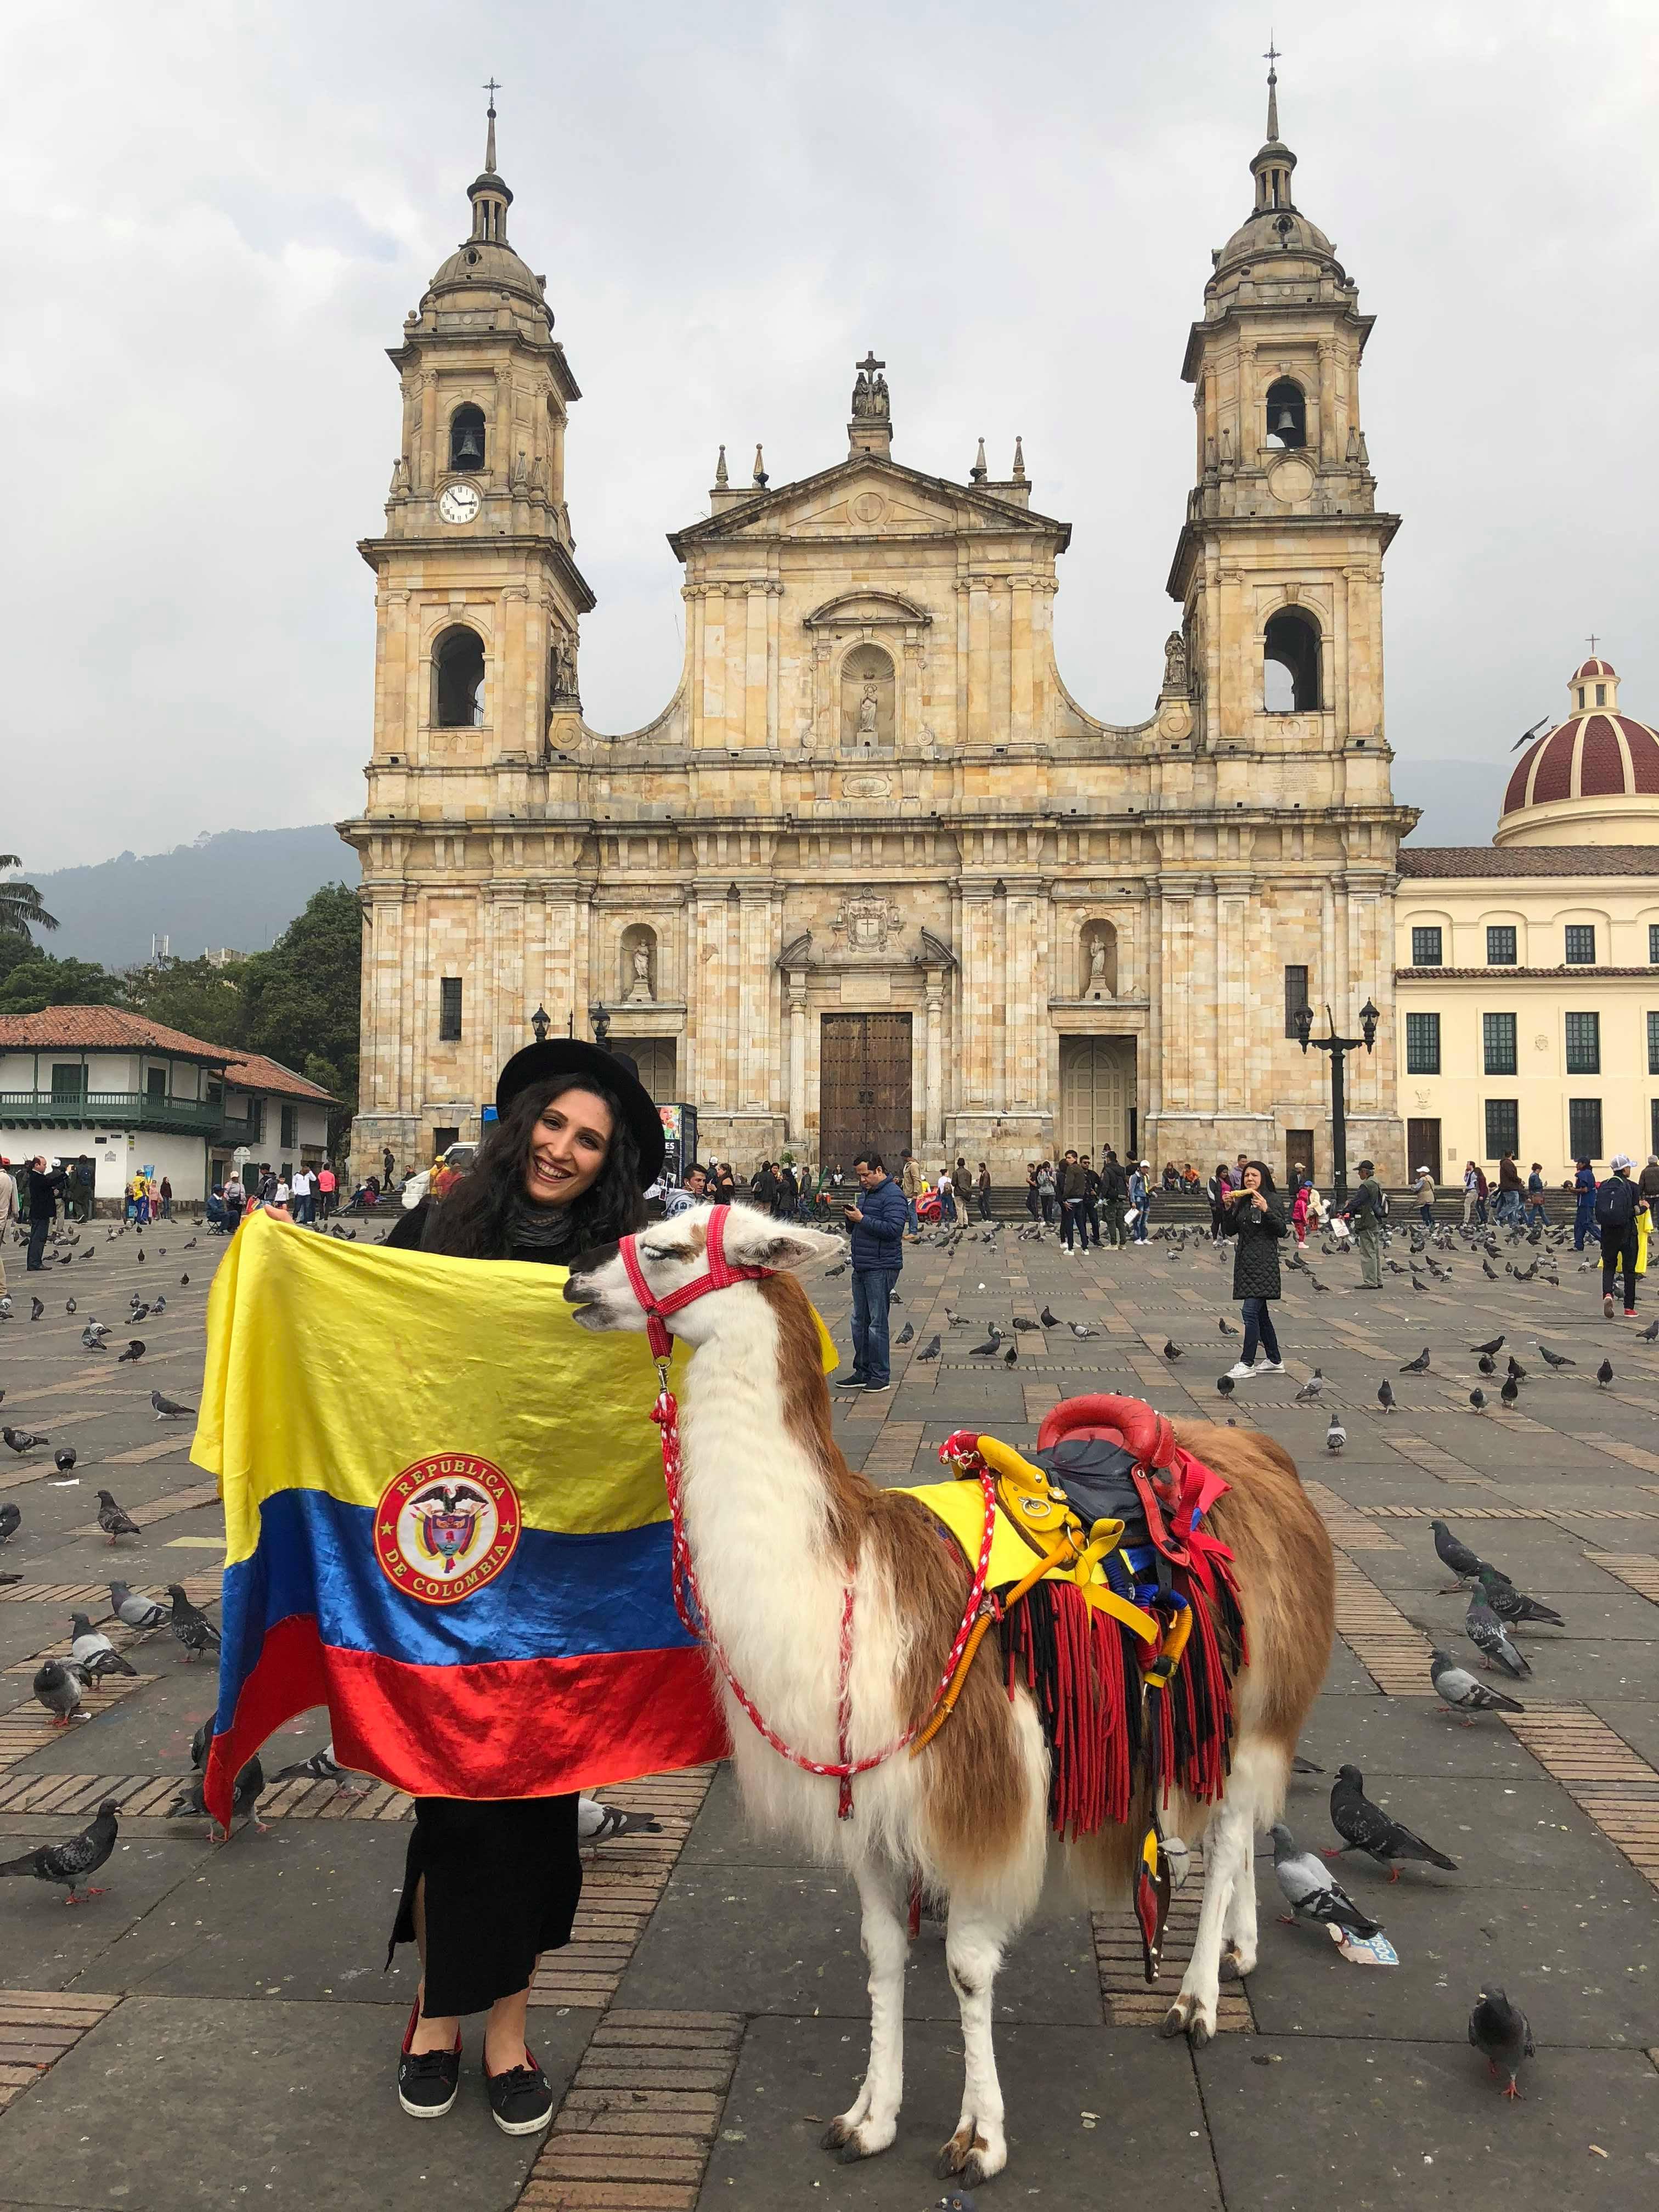 Bogotada gezilecek yerler